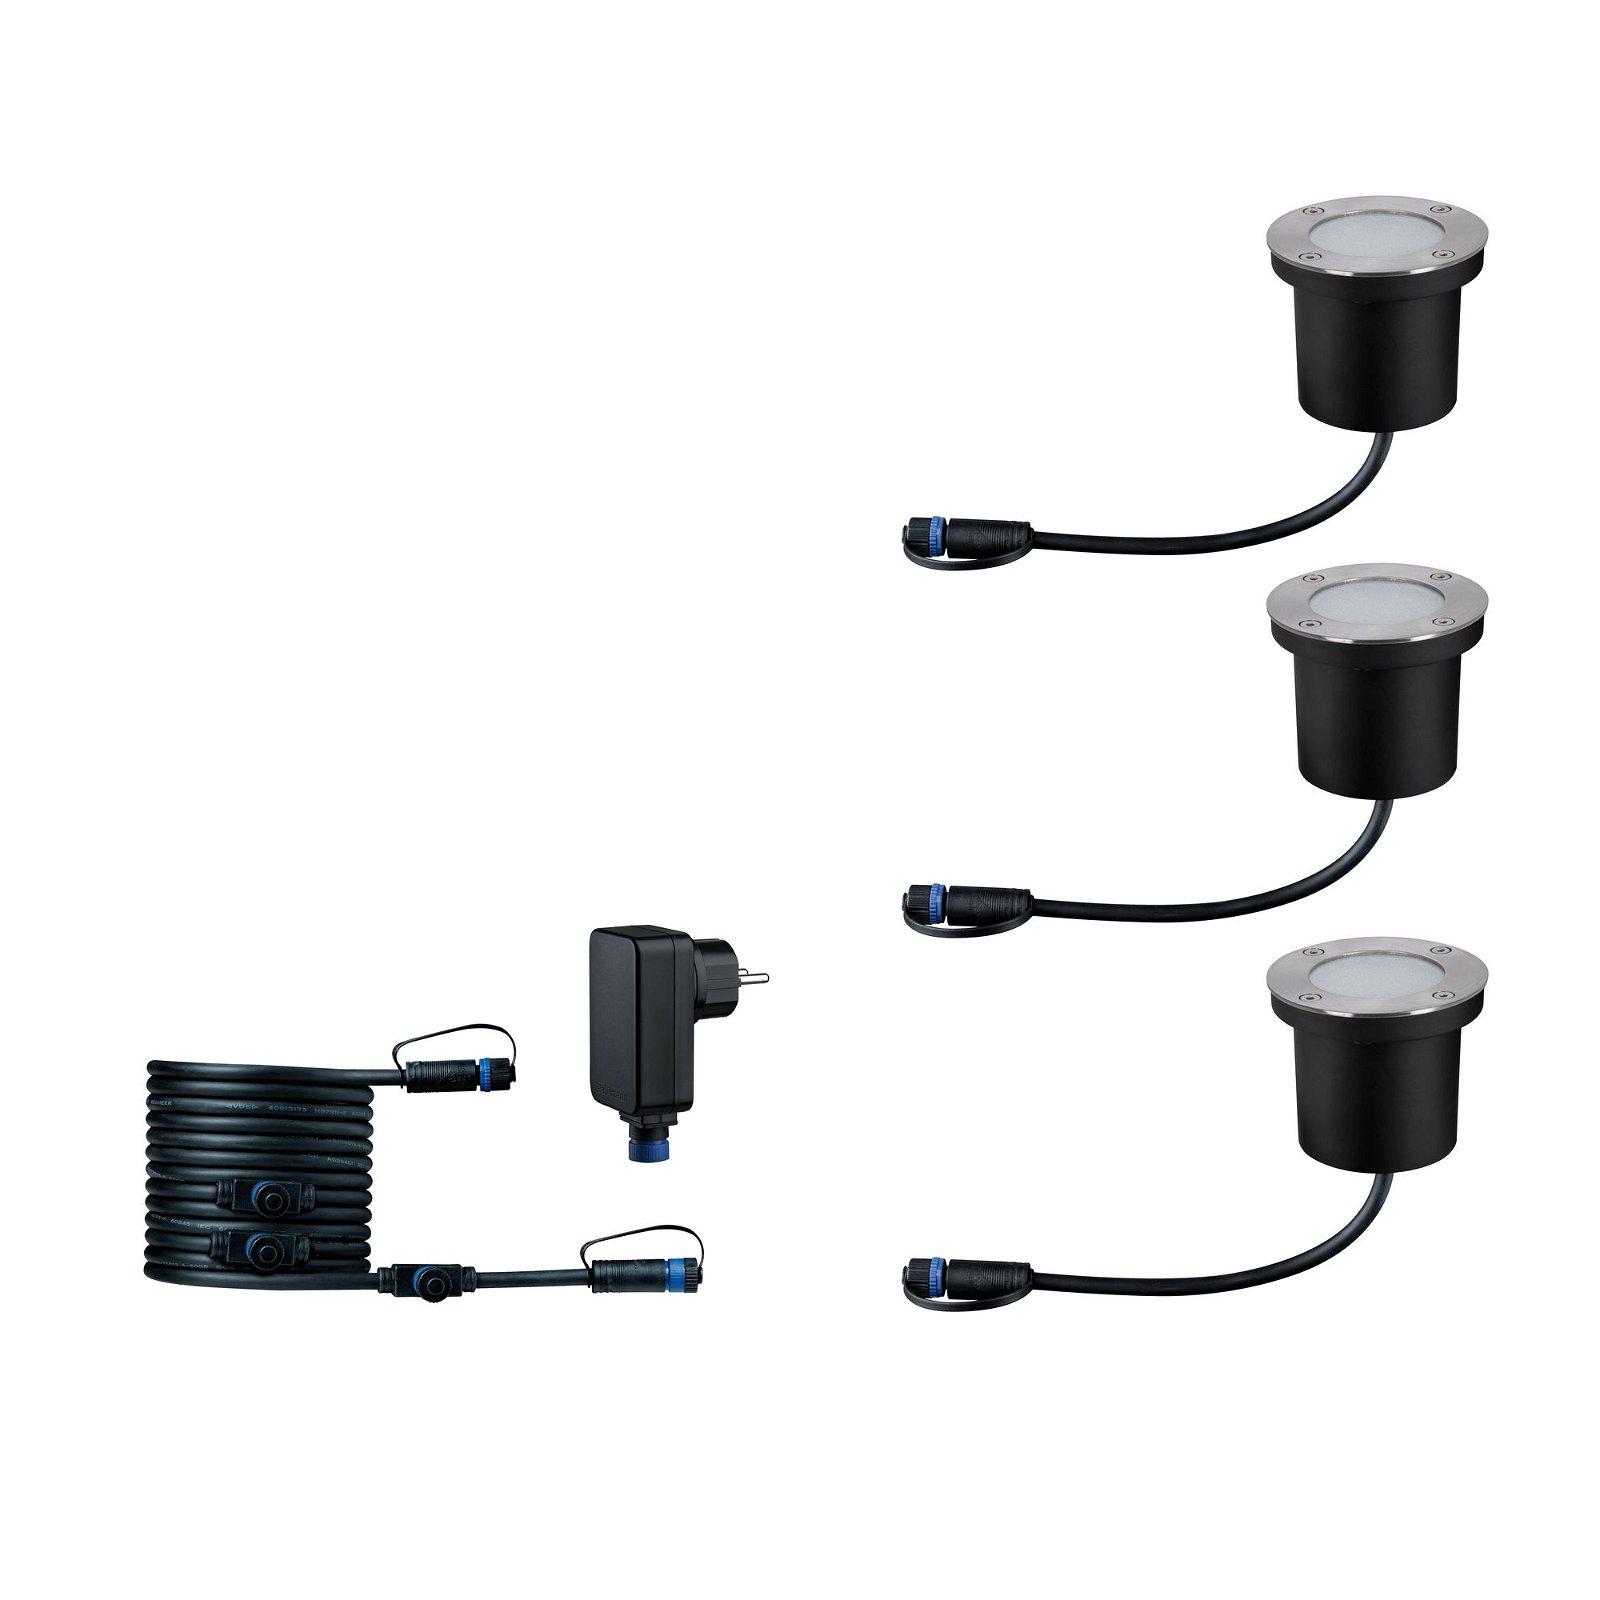 Plug & Shine LED Bodeneinbauleuchte Smart Home Zigbee RGBW Basisset IP65 RGBW 3x3,6W Silber